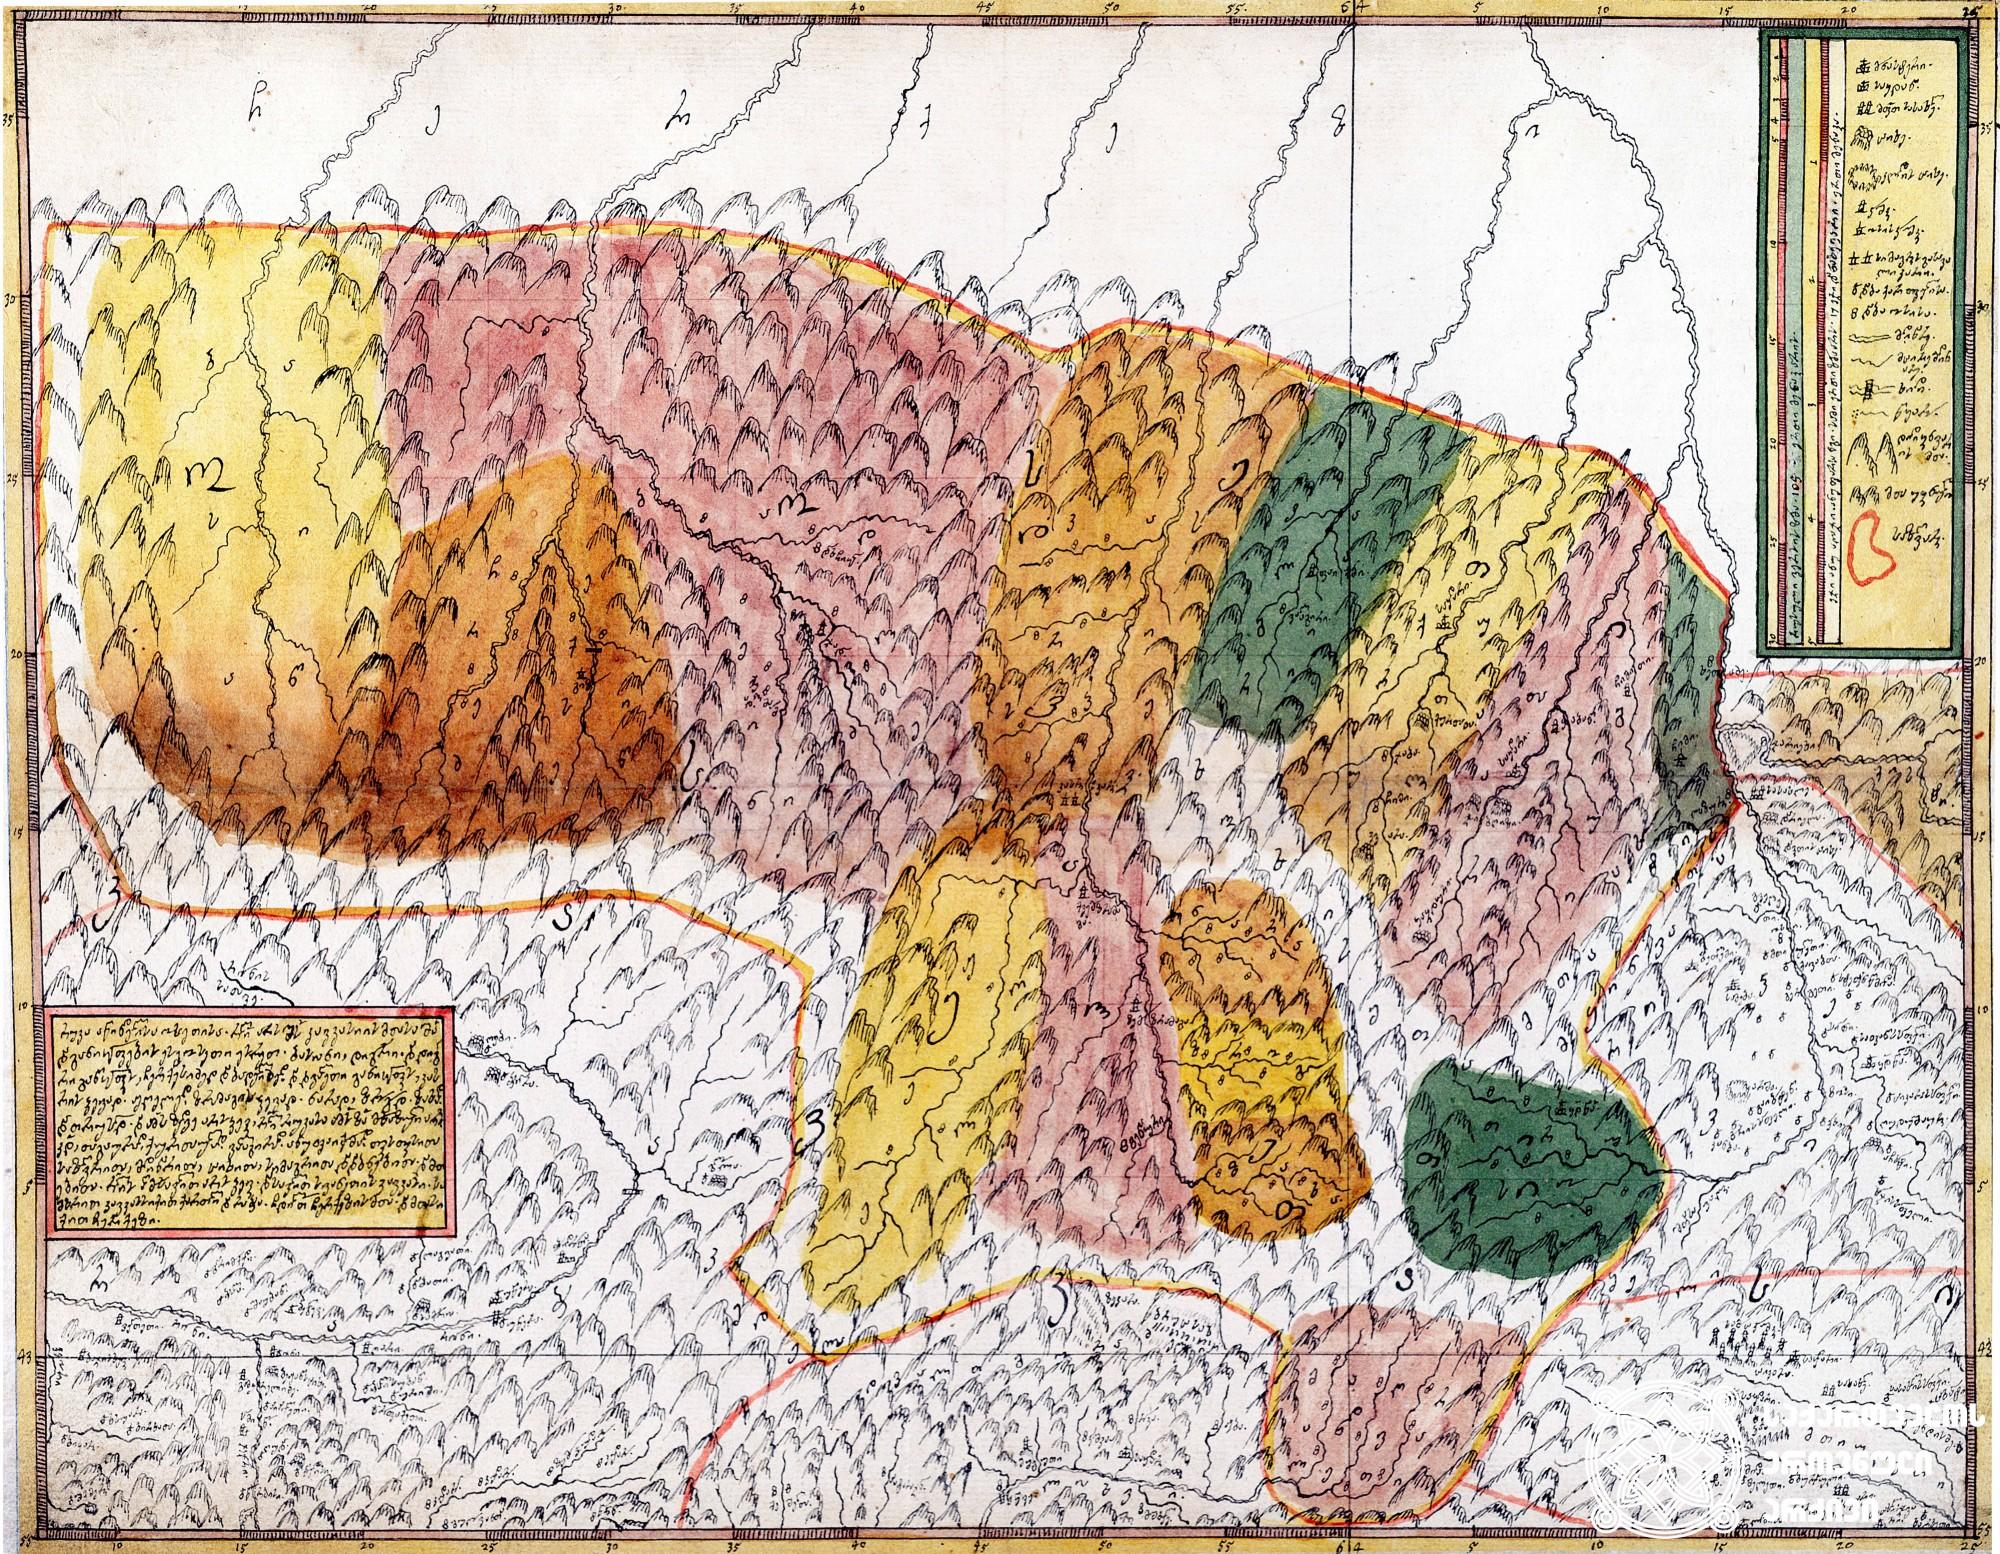 """ვახუშტის ატლასი <br> ოსეთის რუკა <br> Atlas of Vakhushti <br> The map of Ossetia <br> """"რუკა აწინდელისა ოსეთისა, რომელი არს შორის კავკასიის მთასა შინა და განიყოფების ესე ოსეთი ესრეთ: ბასიანი, დიგორი, და დიგორი განიყოფის ჩერქესიძედ და ბადელიძედ, და დვალეთი განიყოფის: კასრისჴევად, ჟღელედ, ზრამაზისჴევად, ნარად, ზროგოდ, ზახად და თრუსოდ. და ამას ზედვე არს ჴევი, რომელი რუკასა ამას ზედა მოხაზული არს კვალად თაგაურად, ქურთაულად, ვალაგირად ანუ ფაიქომად თვისთვისითა საზღვრითა, მდინარითა, ციხითა, სიმაგრითა, და დაბნებითა და მთებითა, რომლის აღმოსავლით არს ჴევი, დასავლით სვანეთის კავკასი, სამხრით კავკასს იქით ქართლი და რაჭა, ჩდილოთ  ჩერქეზის მთა და მთას იქით ჩერქეზი""""."""